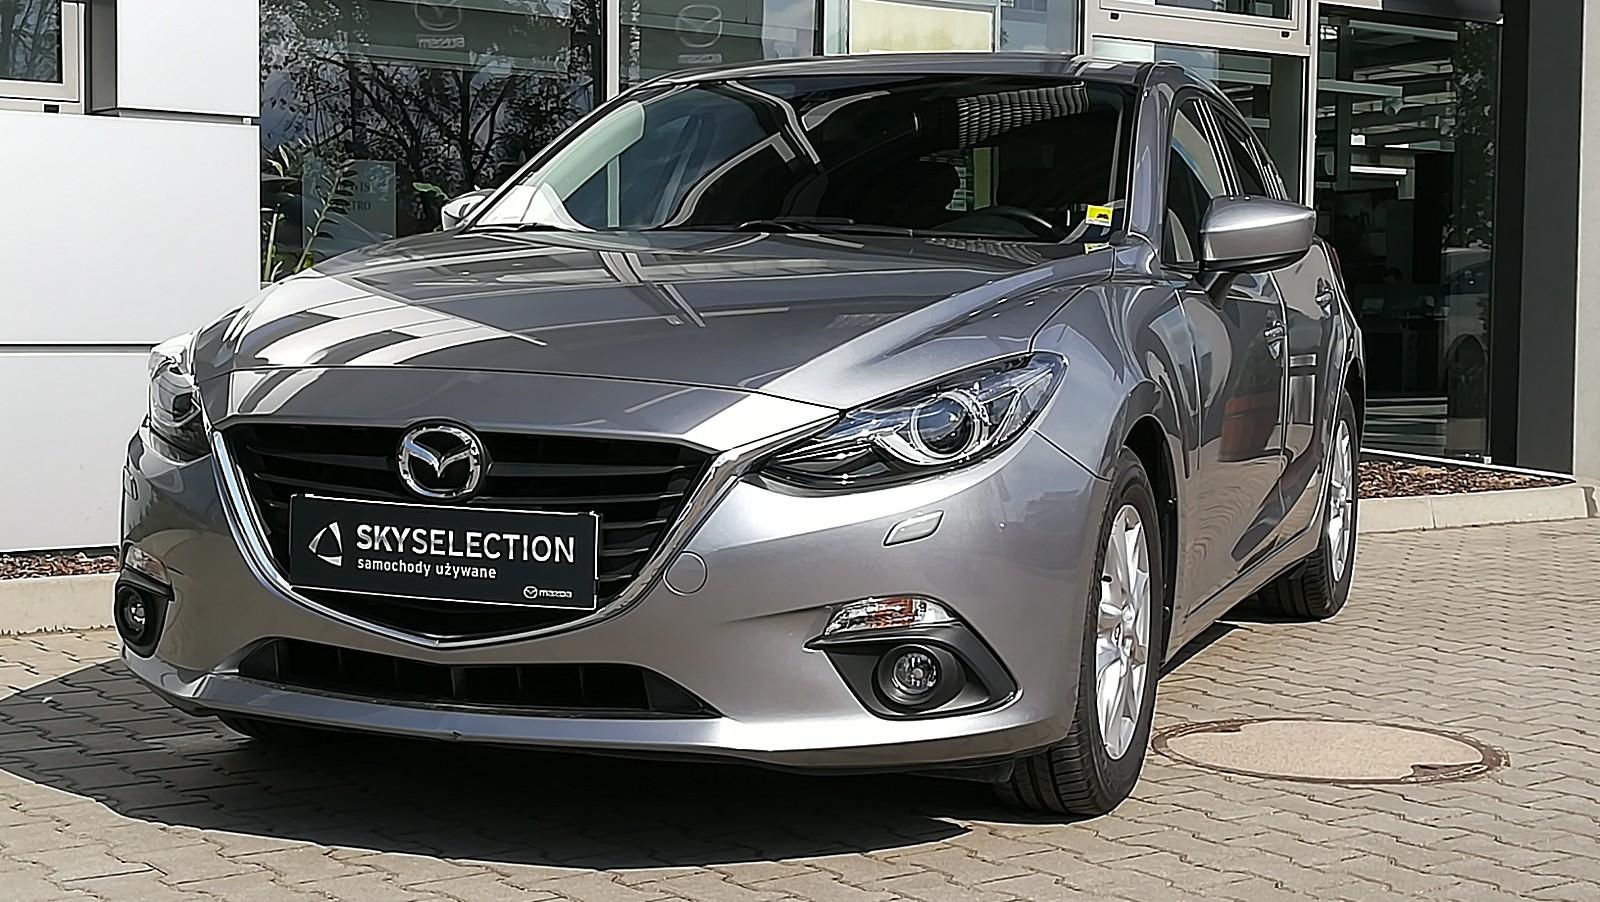 Mazda Mx 5 Rf Cena >> Samochody używane | Auto-Idea Olsztyn